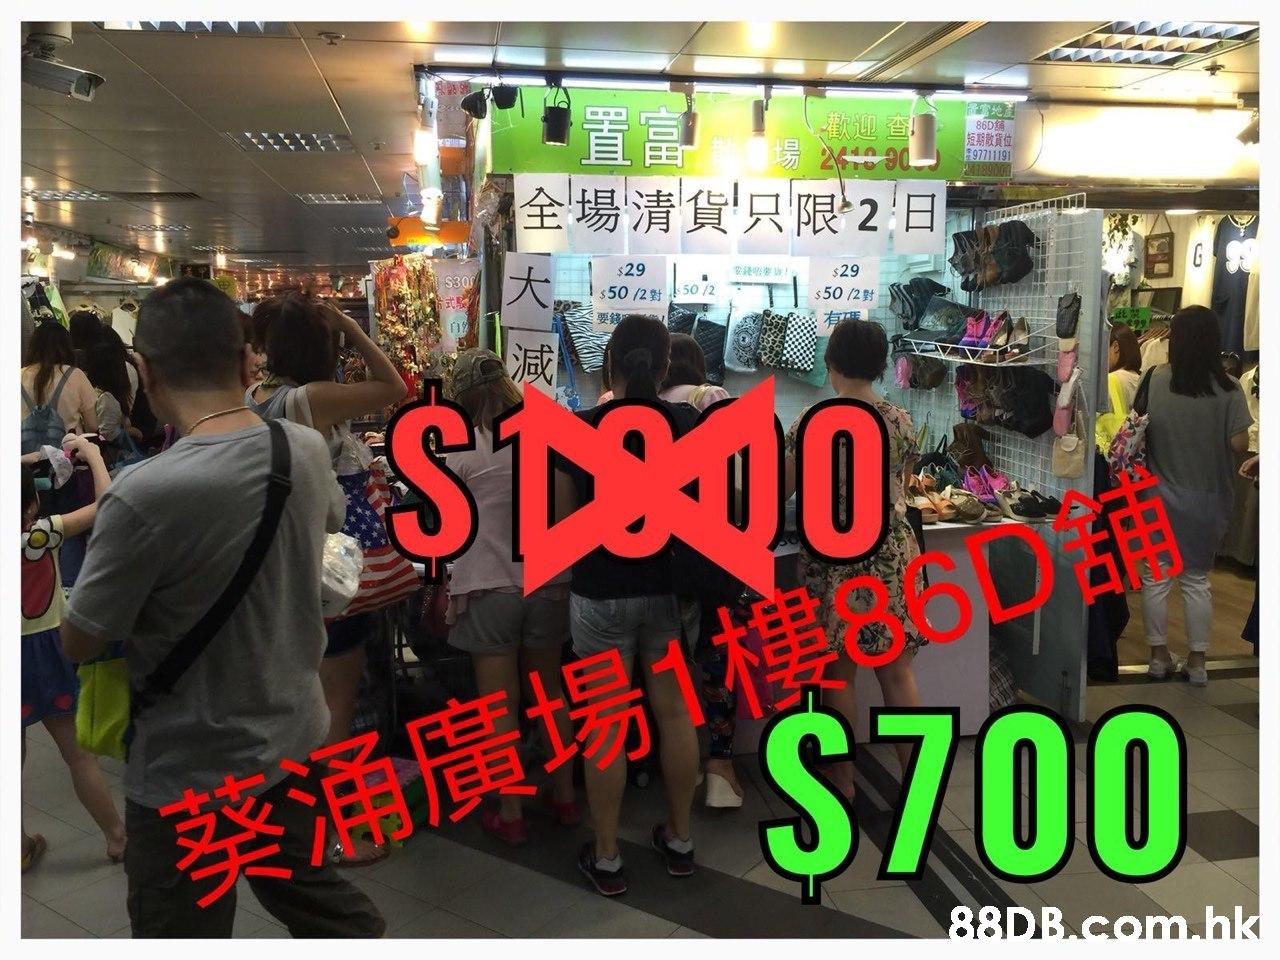 歡迎查 直富 短期散貨位 全場清貨只限2日 $29 $29 S300 T $50 /2 1$50/2 $ 50 /2 要錄 減 ST00 蔡通廣場1樓 S700 .hk  Font,Building,Event